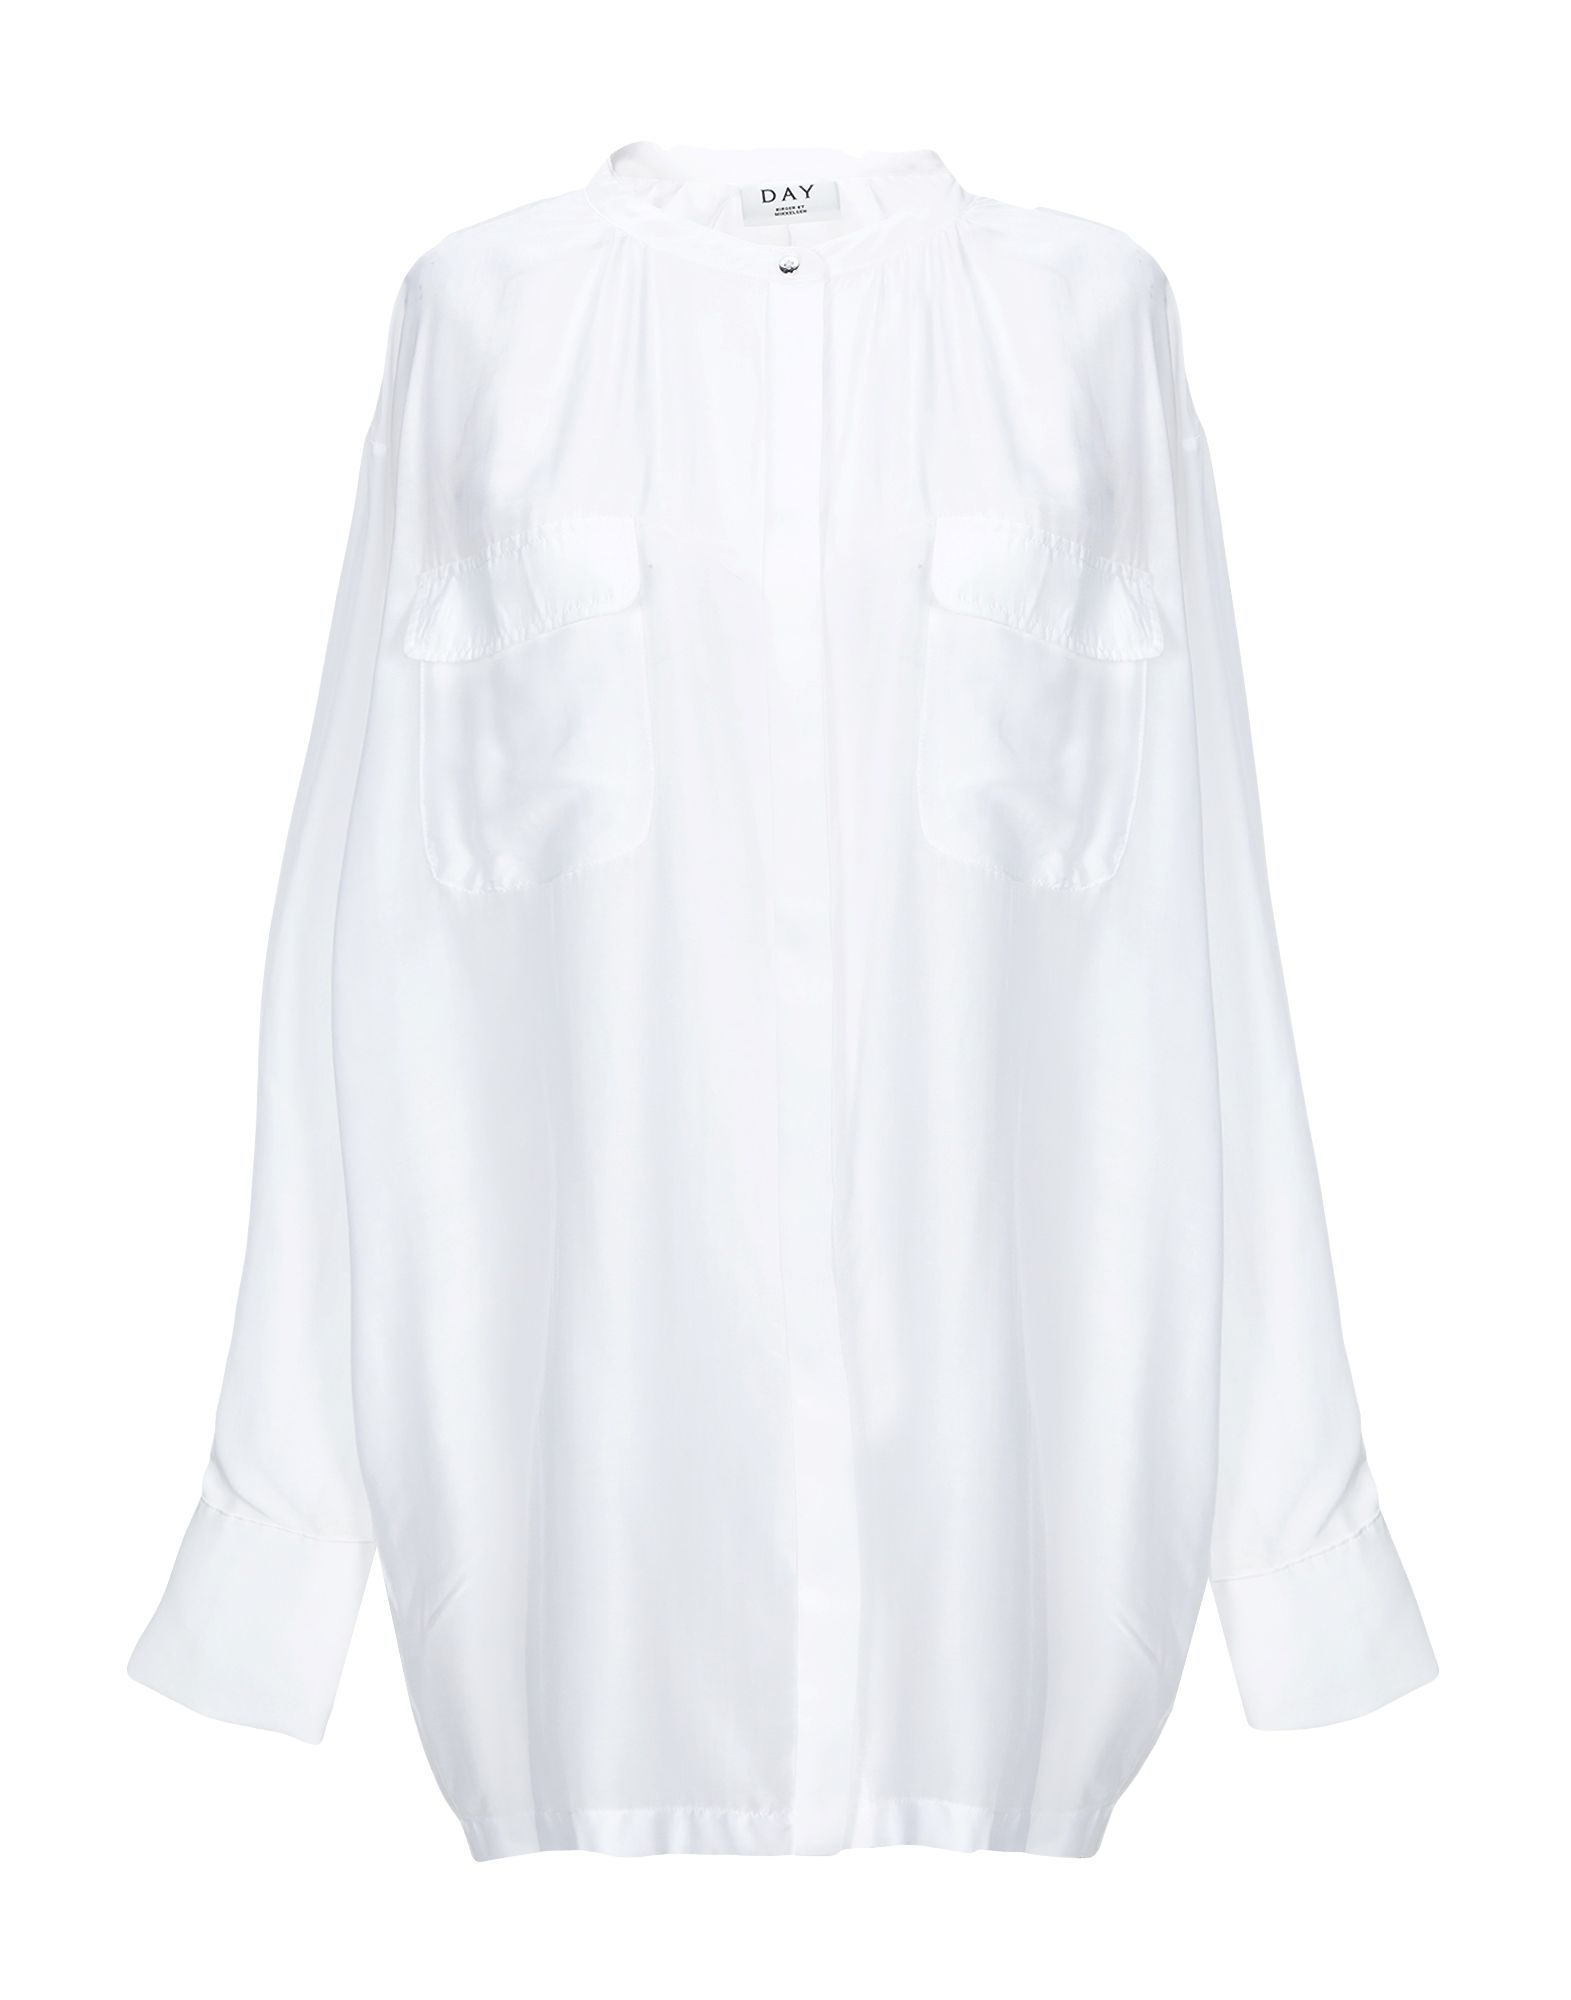 《期間限定セール中》DAY BIRGER ET MIKKELSEN レディース シャツ ホワイト 38 指定外繊維(テンセル)? 73% / シルク 27%